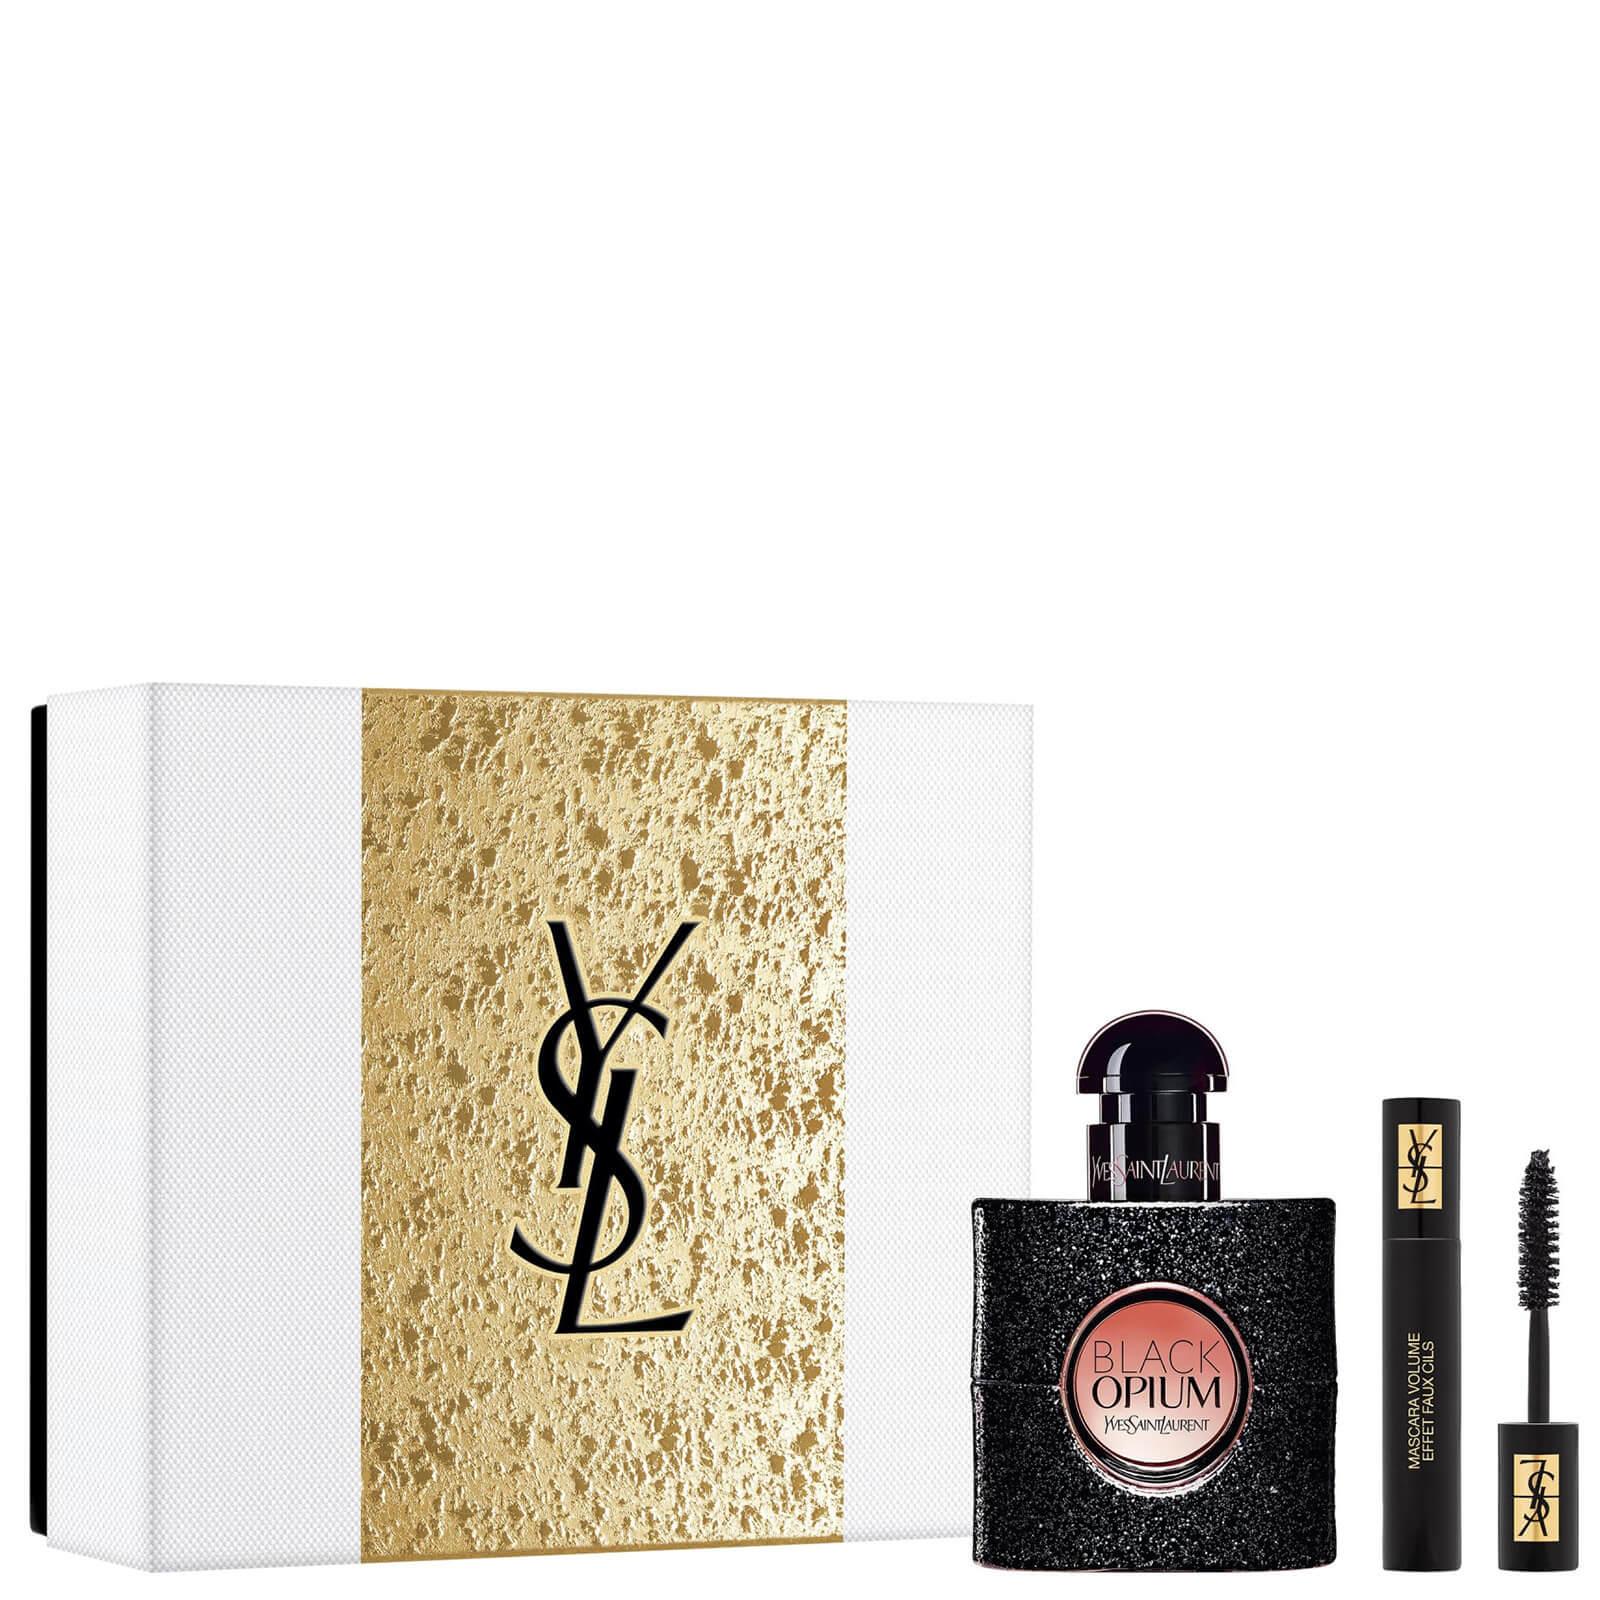 Купить Yves Saint Laurent Black Opium подарочный набор из парфюма 30 мл и туши для ресниц